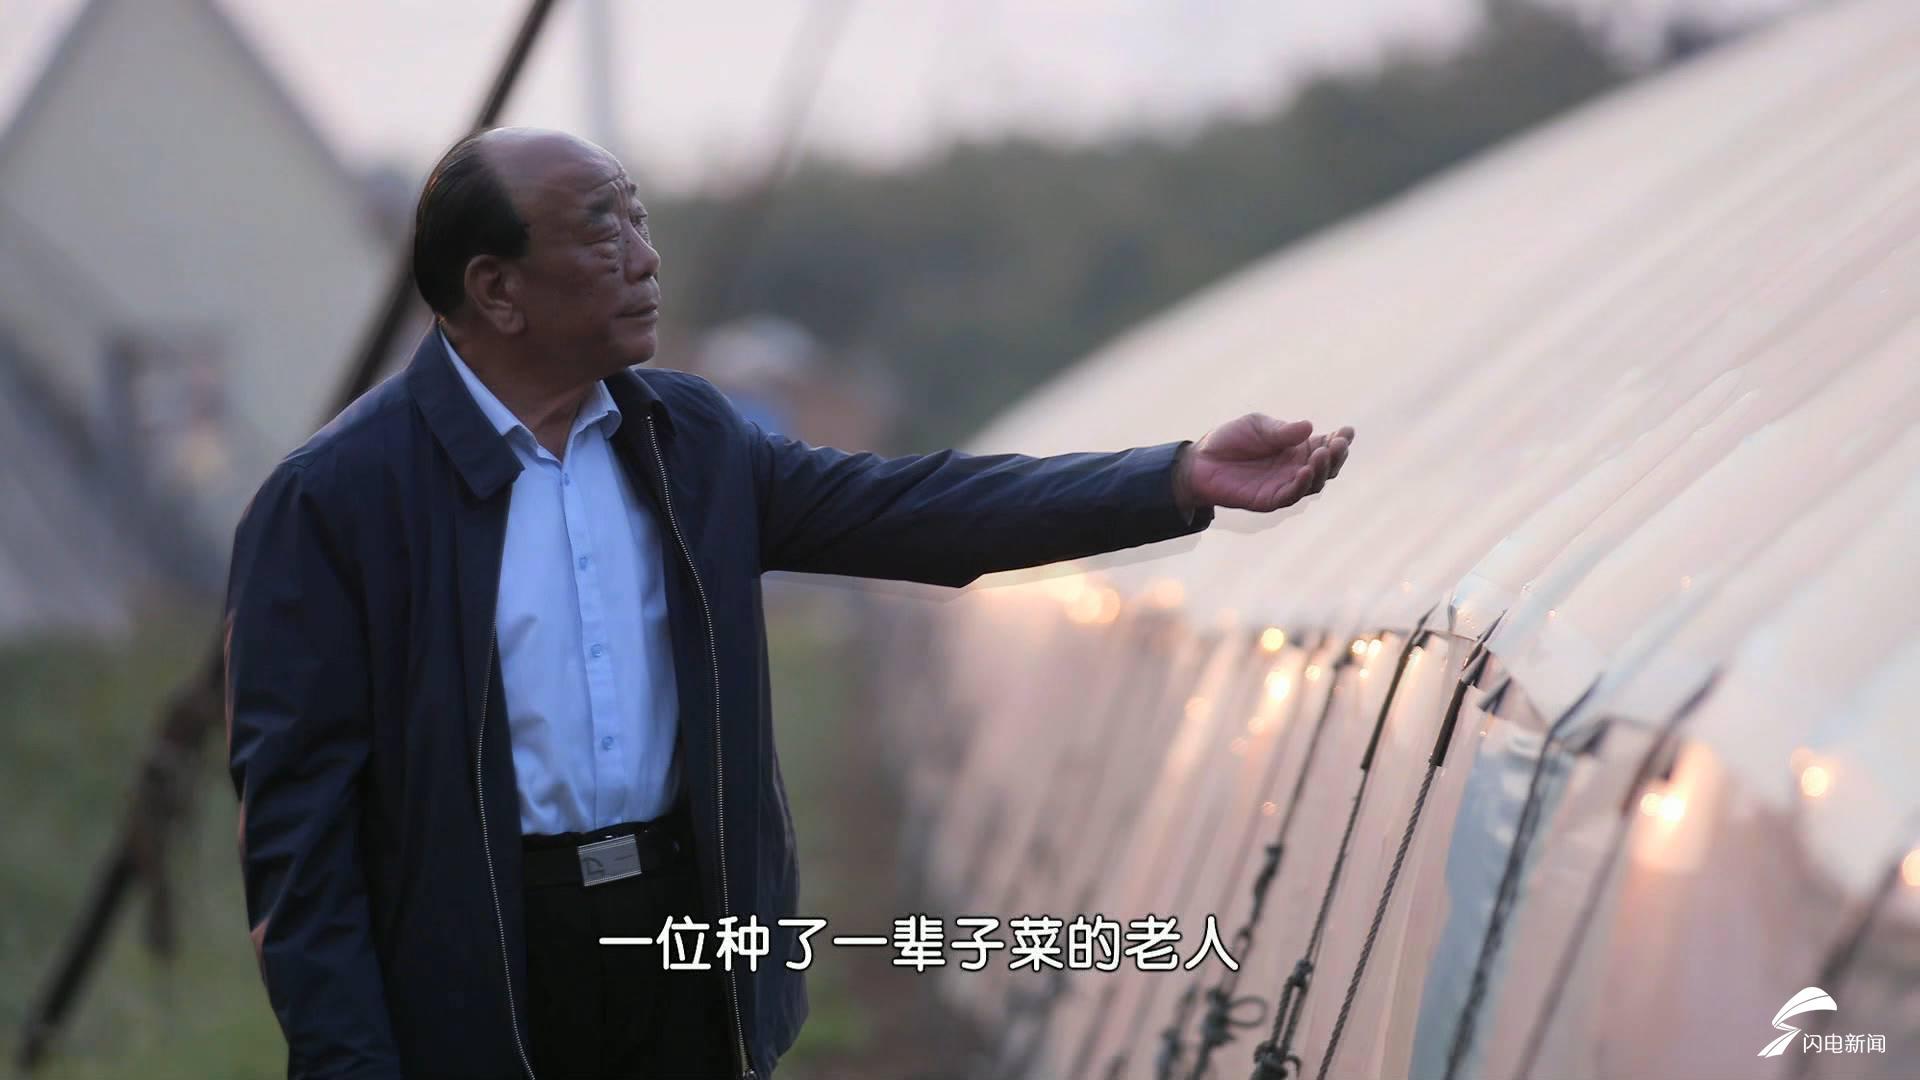 刘永好s.JPG